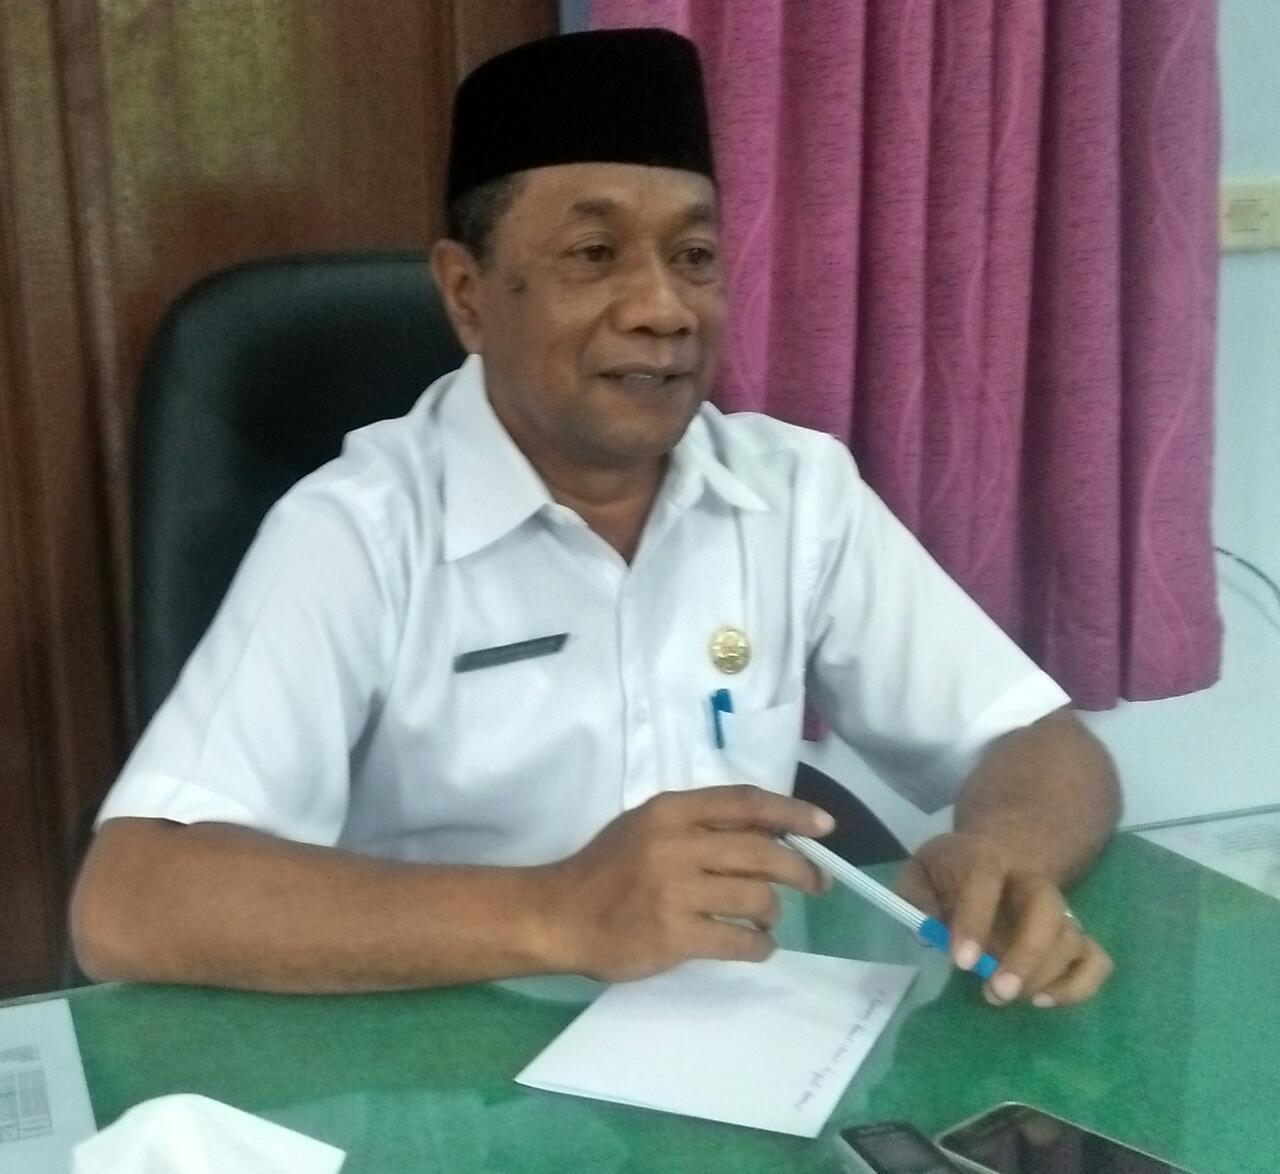 Sirajudin Bauw, Kepala Kantor Kementrian Agama Kabupaten Teluk Bintuni.